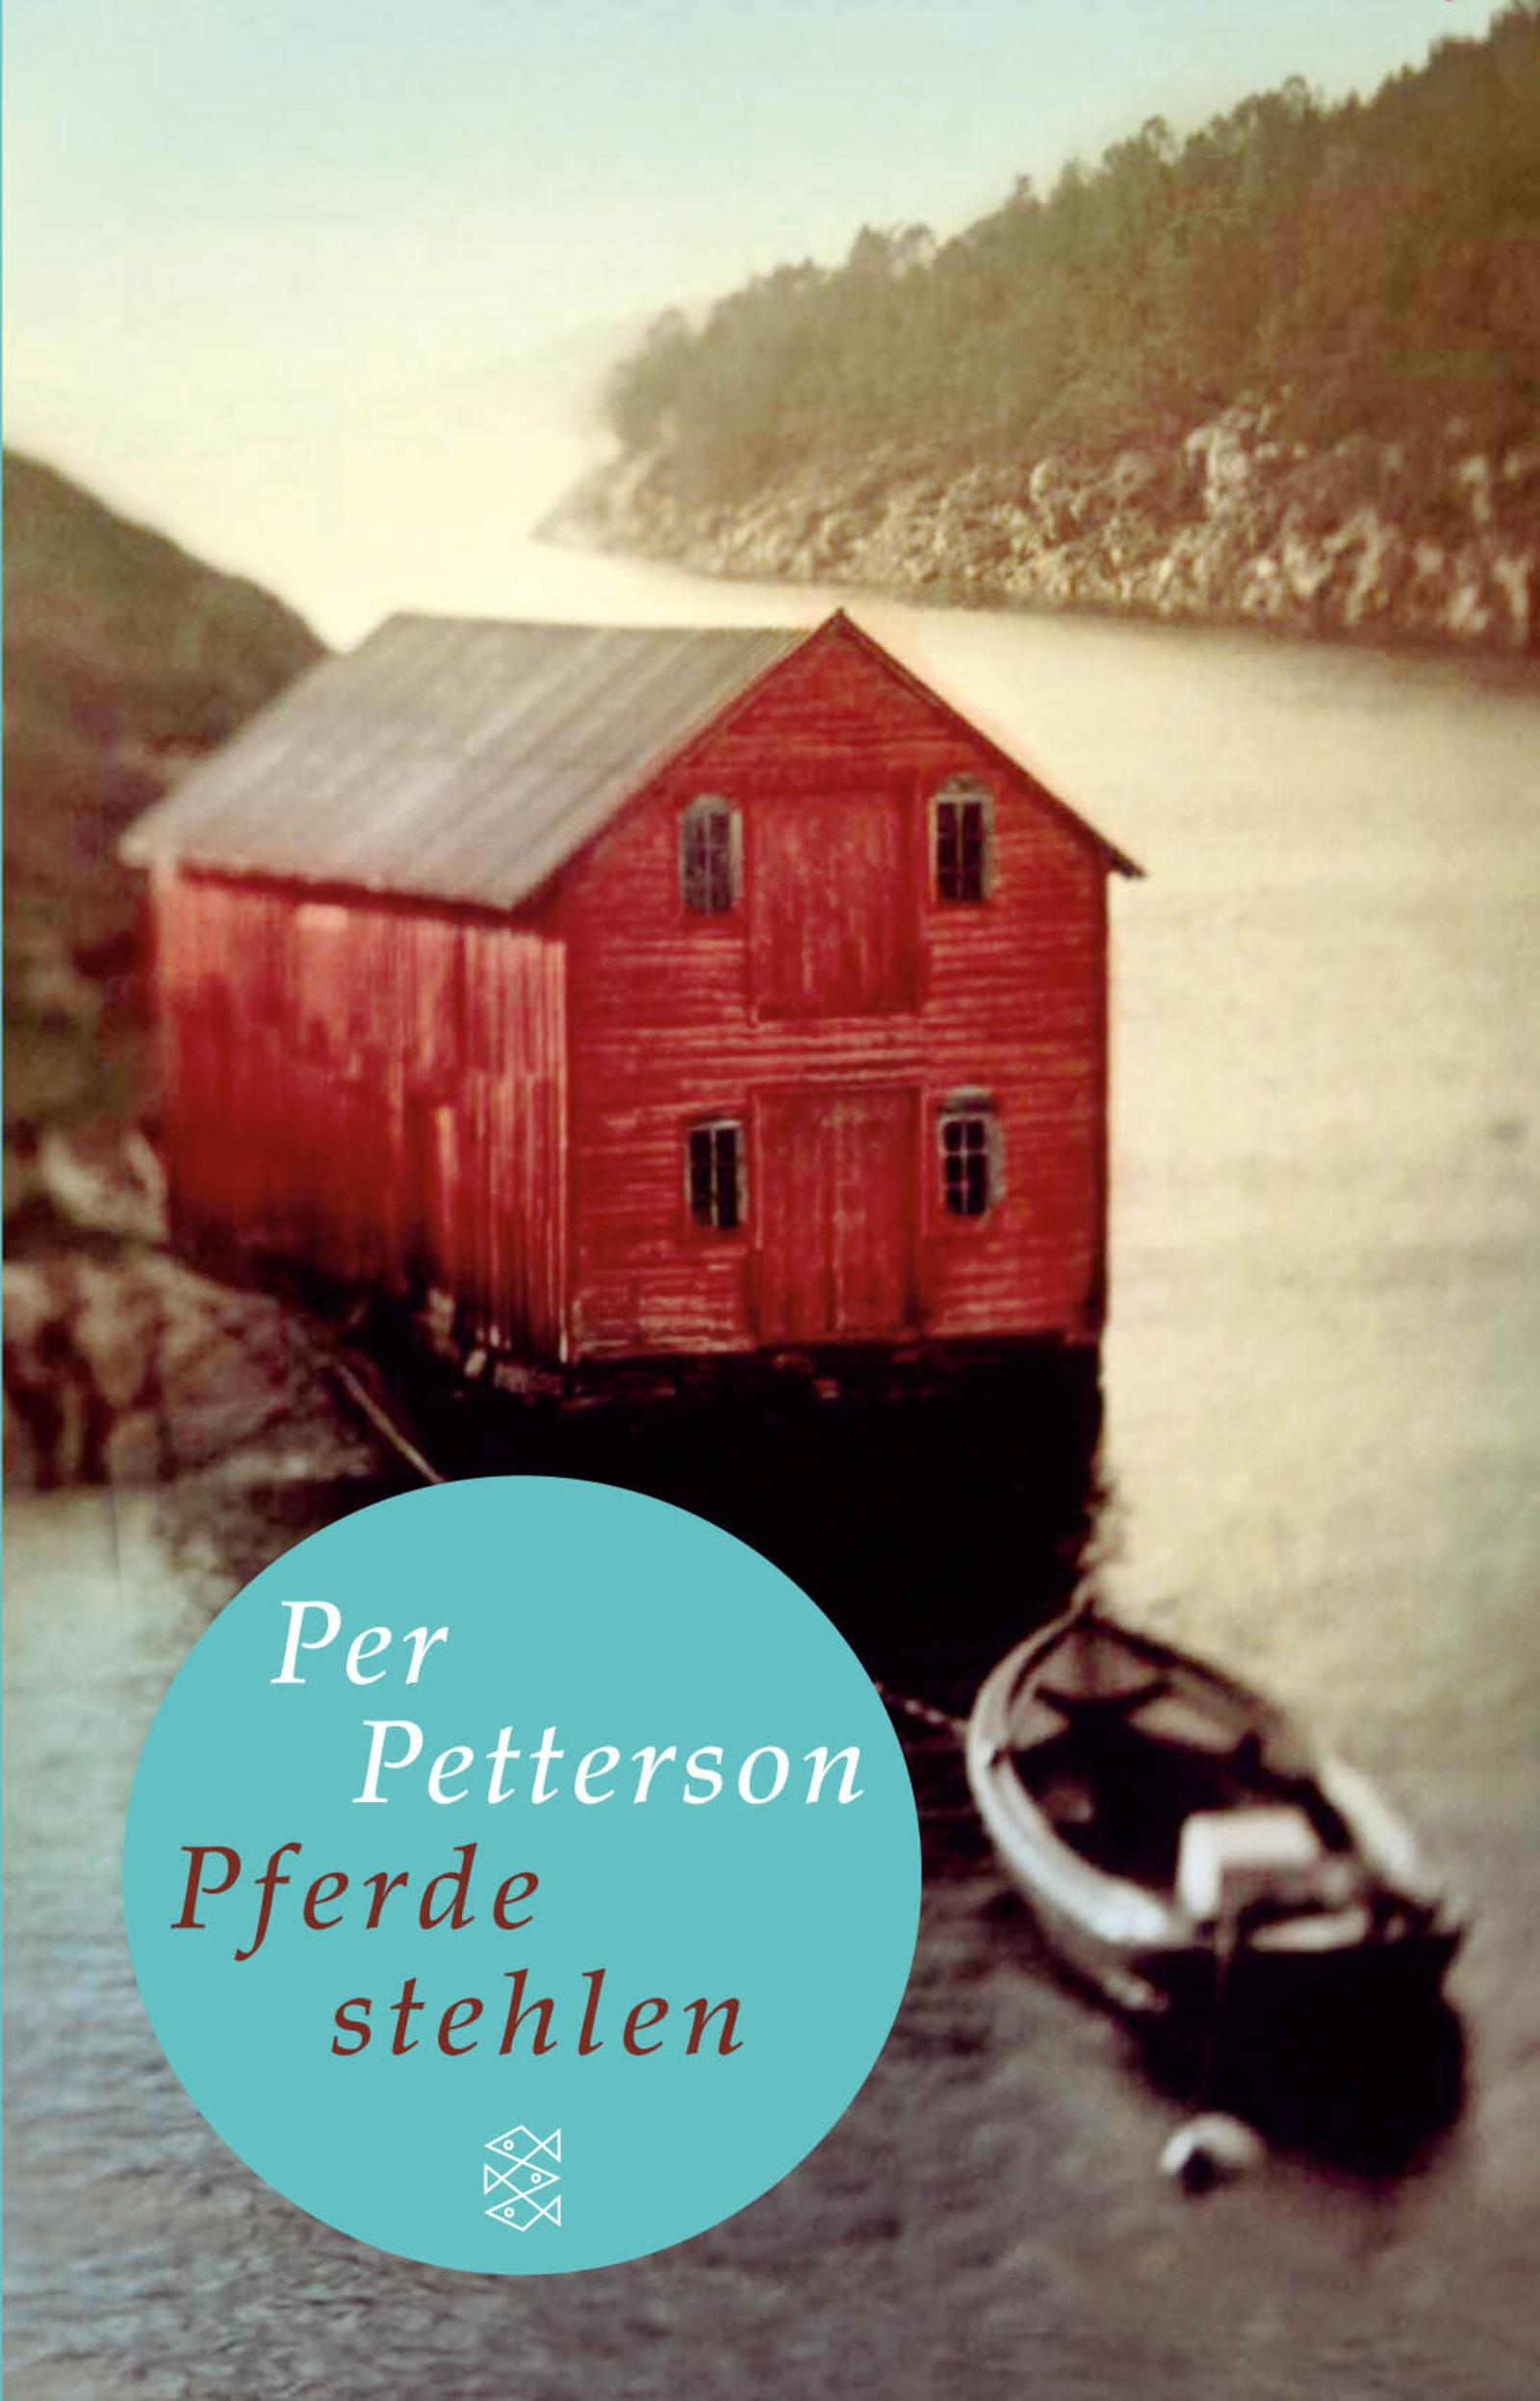 Pferde stehlen von Per Petterson Parkbuchhandlung Buchhandlung Bonn Bad Godesberg